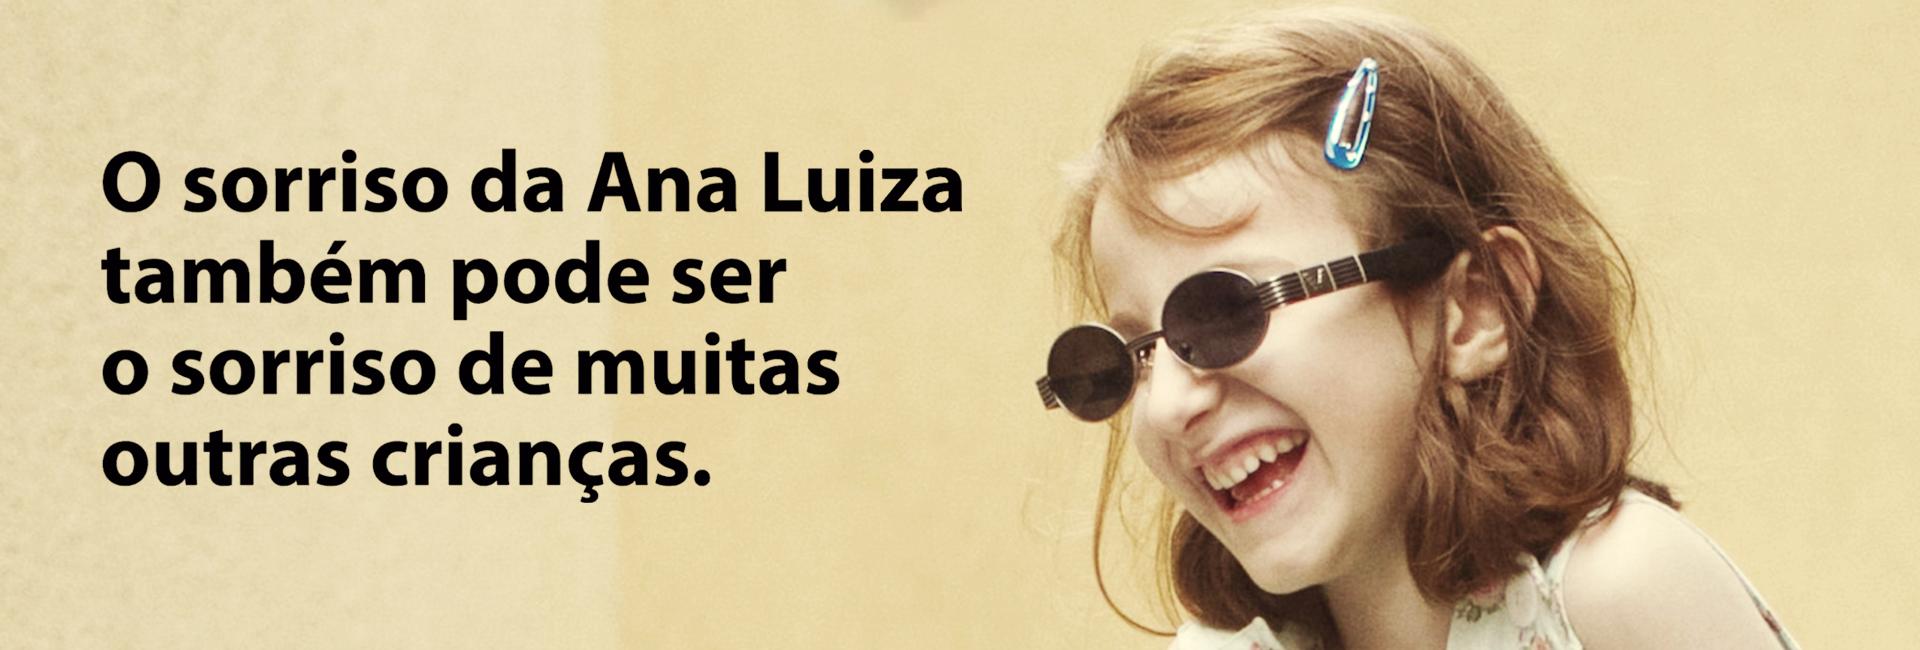 """Descrição da imagem: foto uma menina de 6 anos atendida pela Fundação Dorina. Ela é retratada de perfil, do ombro pra cima, usa óculos escuros e exibe um largo sorriso! À esquerda, a frase """"O sorriso da Ana Luiza também pode ser o sorriso de muitas outras crianças"""""""